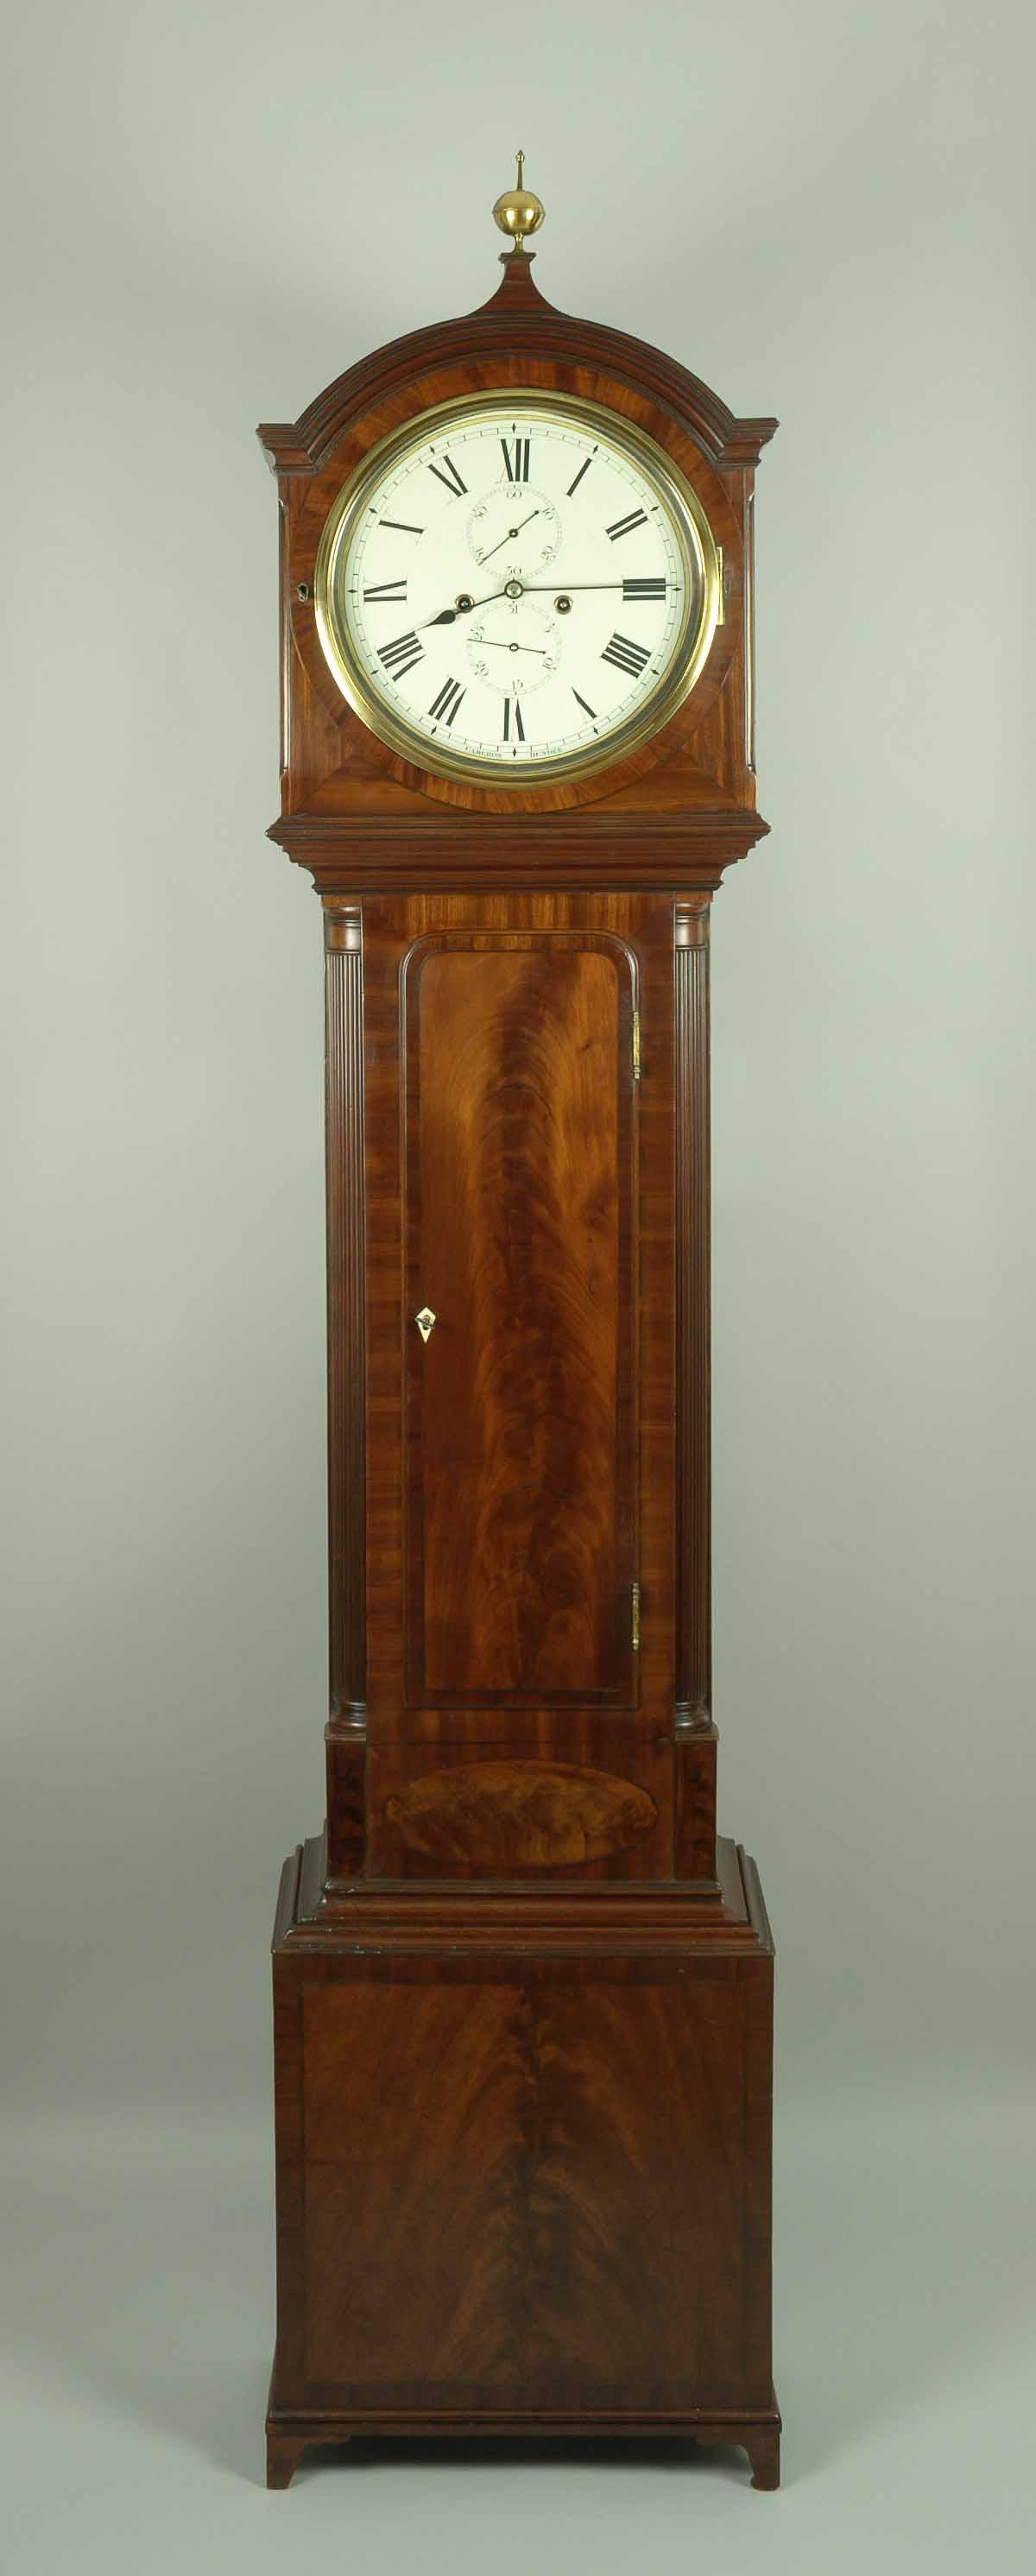 Dating longcase clock dials clocks